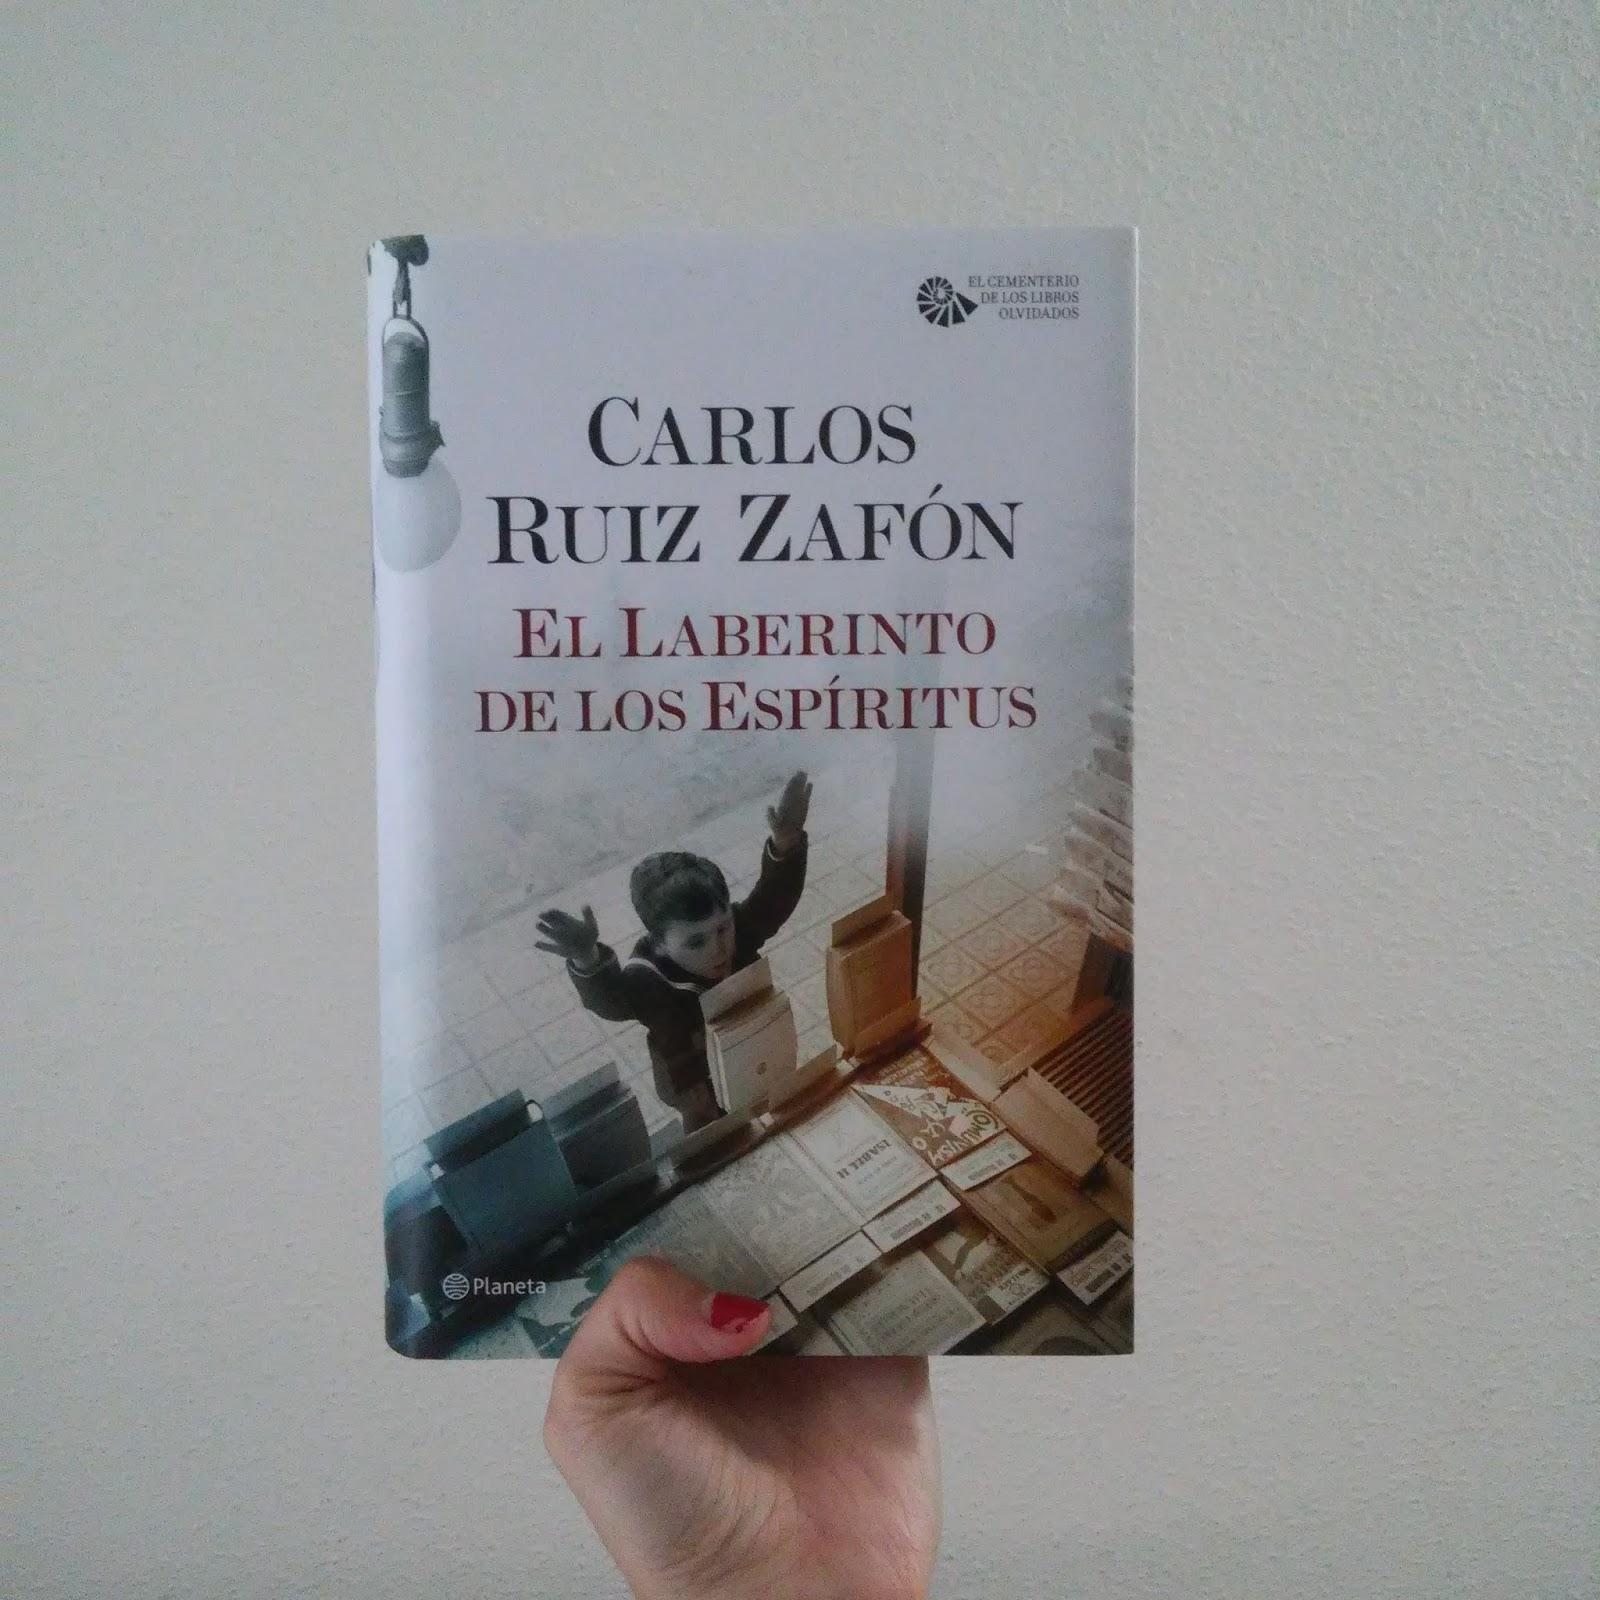 Carlos Ruiz Zafon Cuarto Libro | Barcelona N Books R El Laberinto De Los Espiritus De Carlos